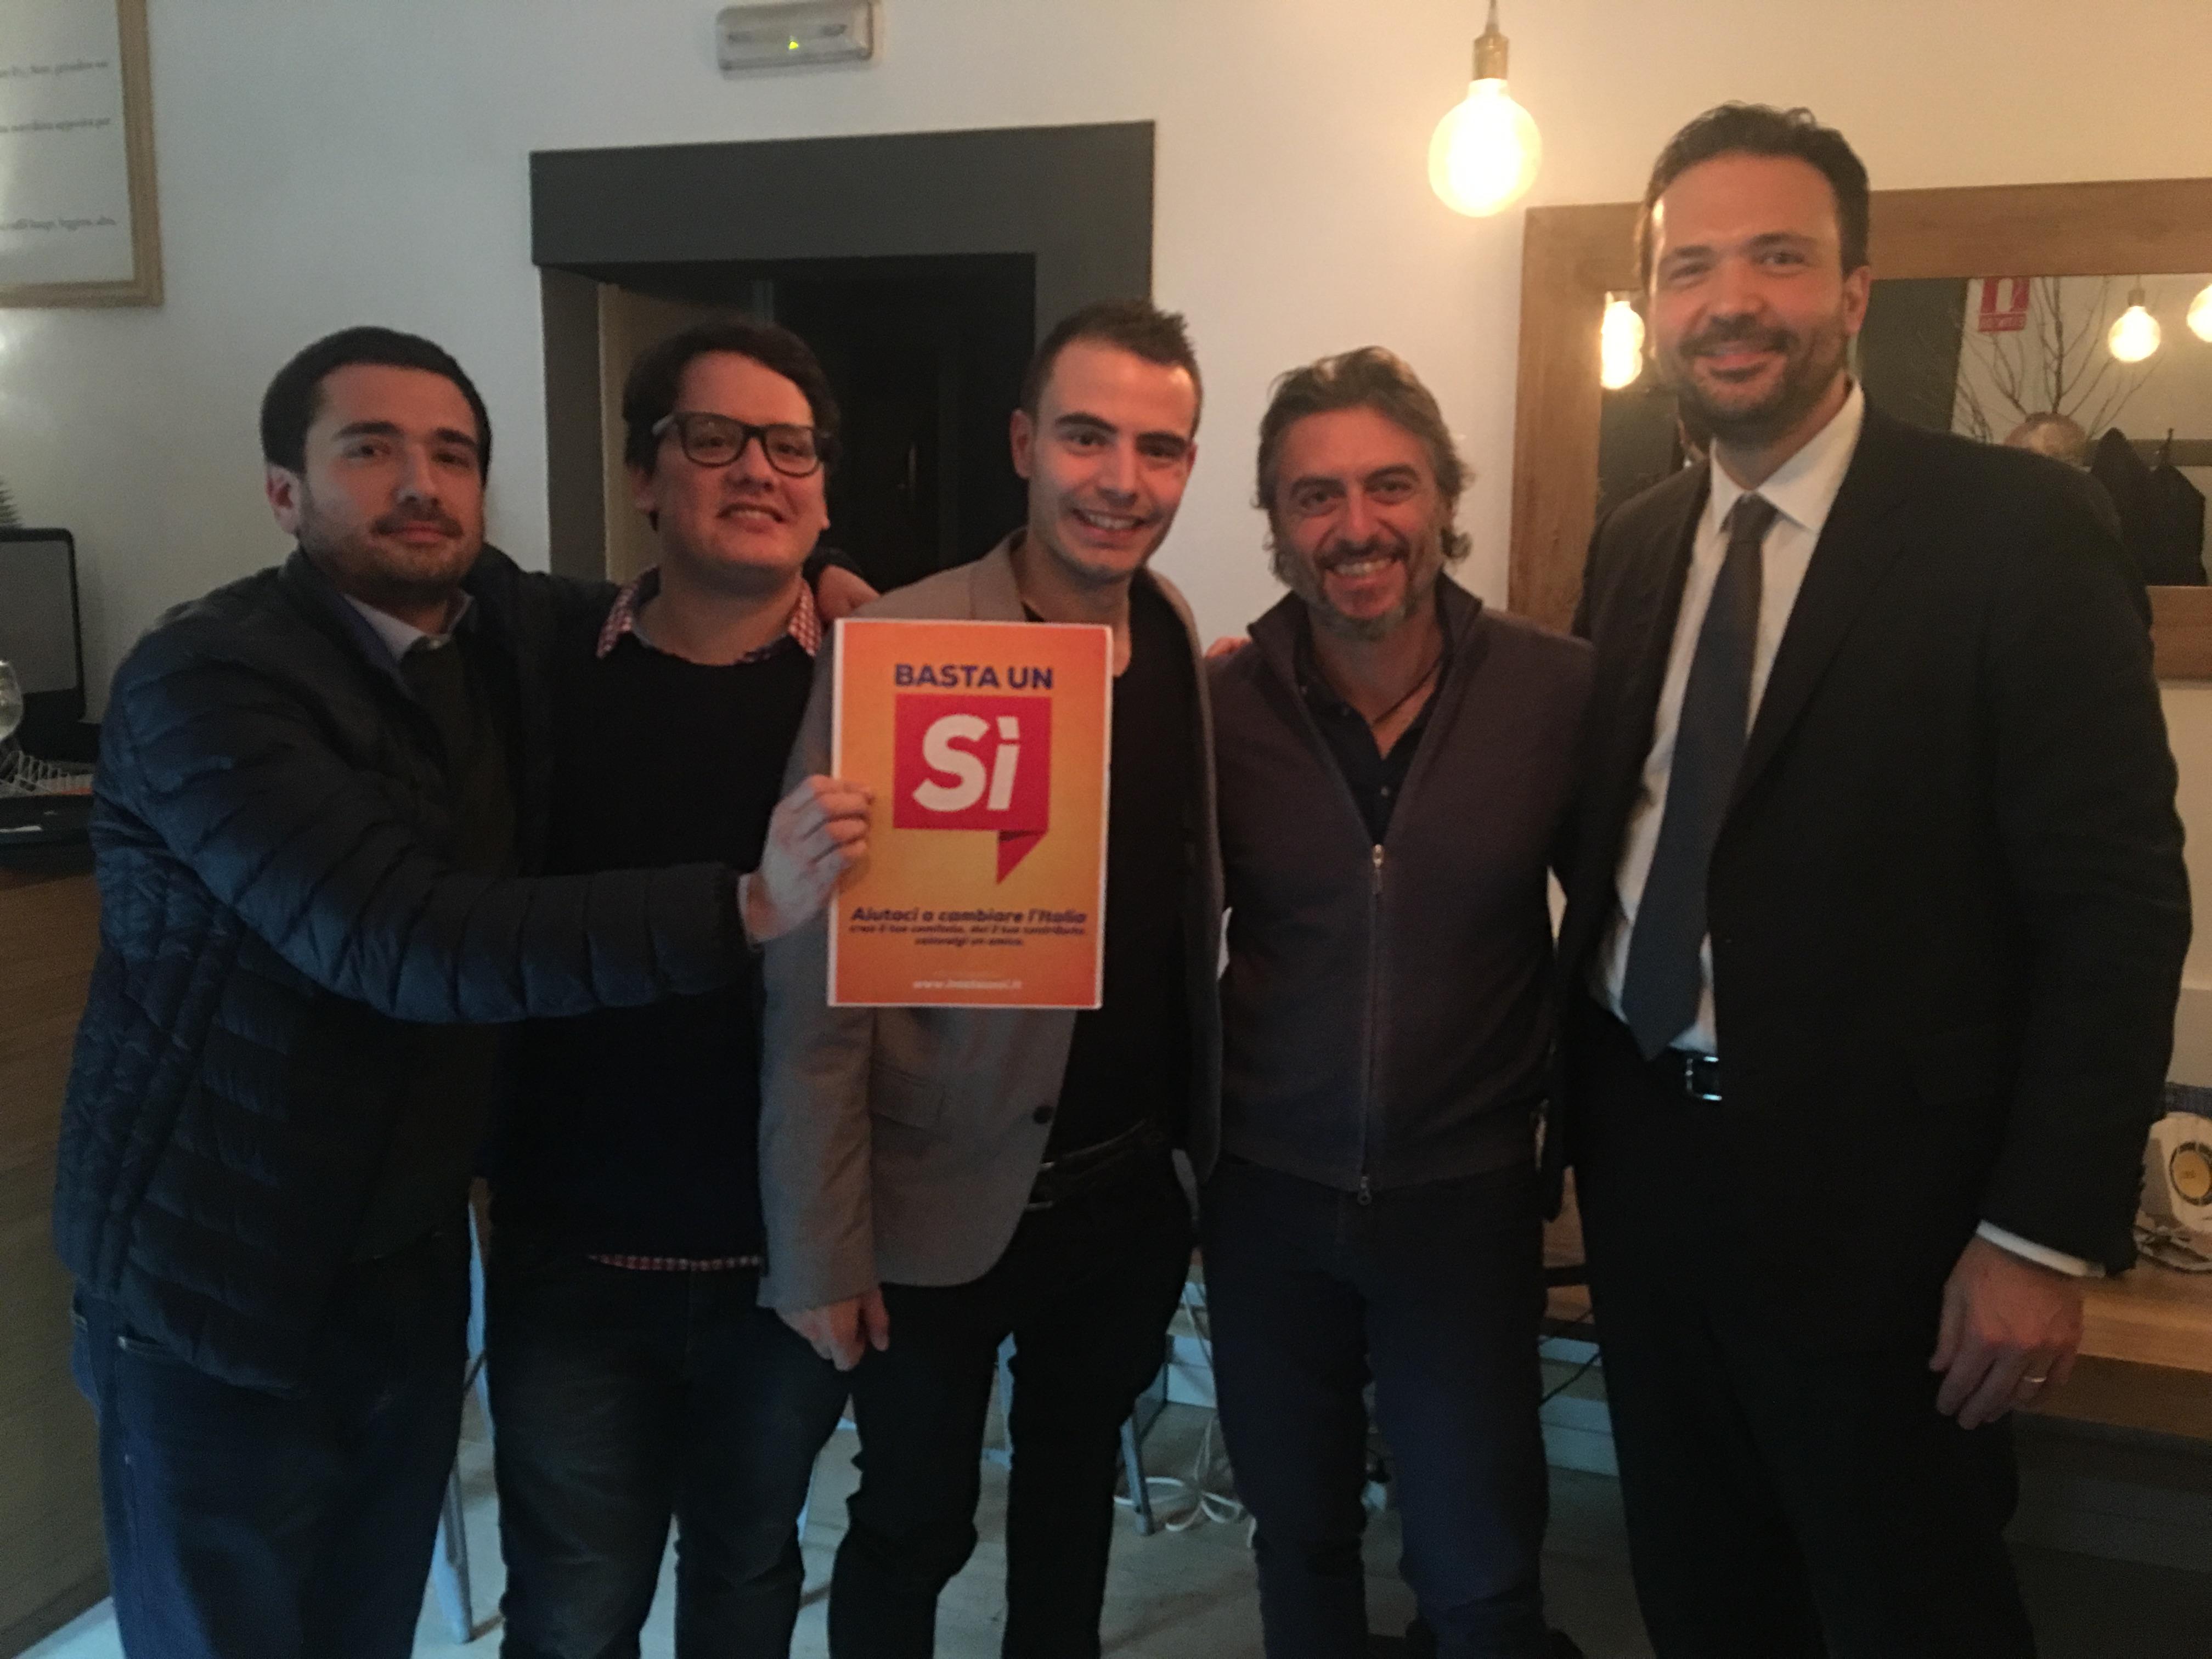 Incontro su referendum riforma costituzionale - Madrid